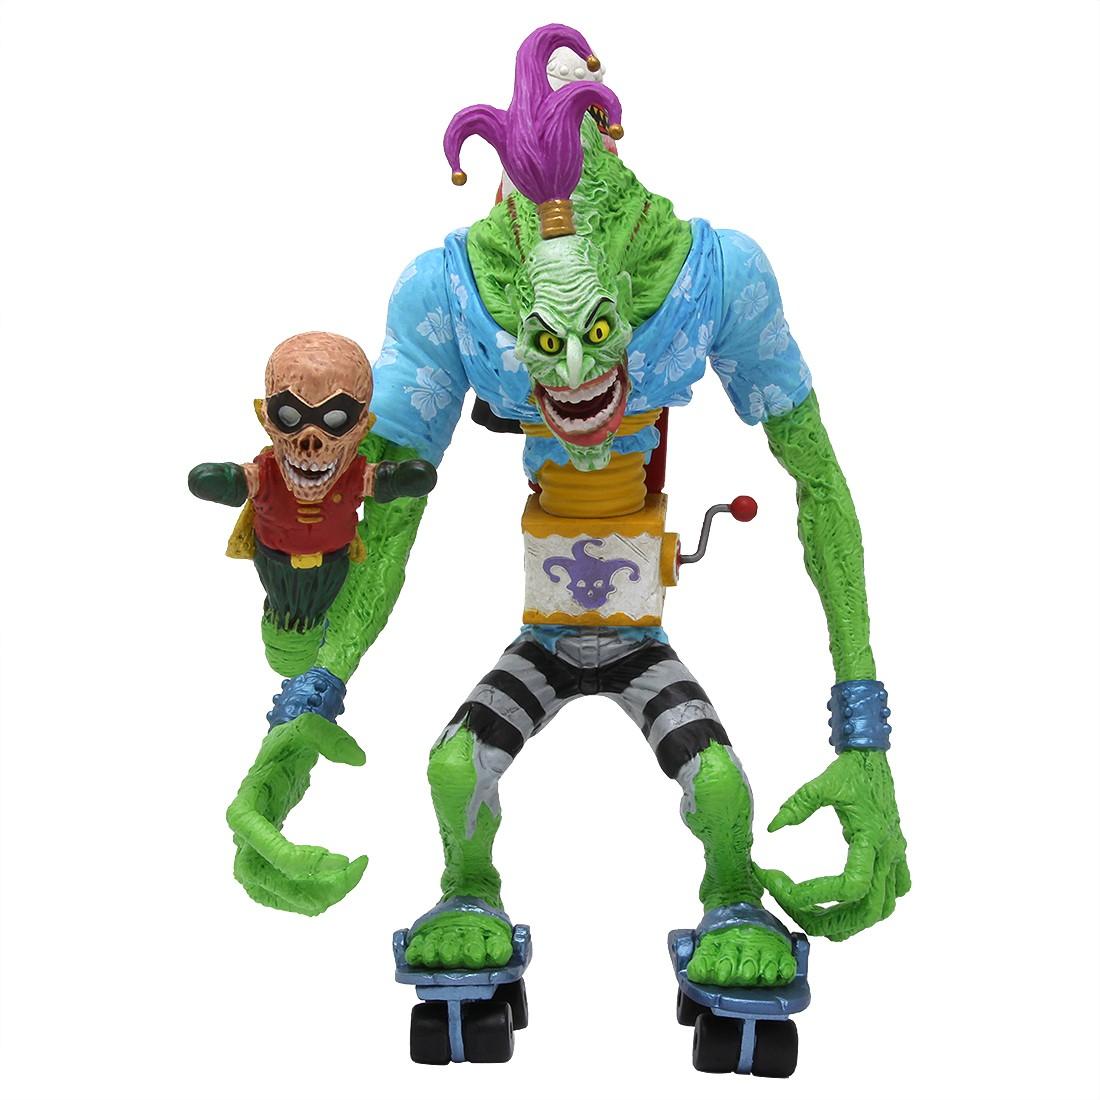 DC Comics DC Artists Alley James Groman Joker Figure (green)